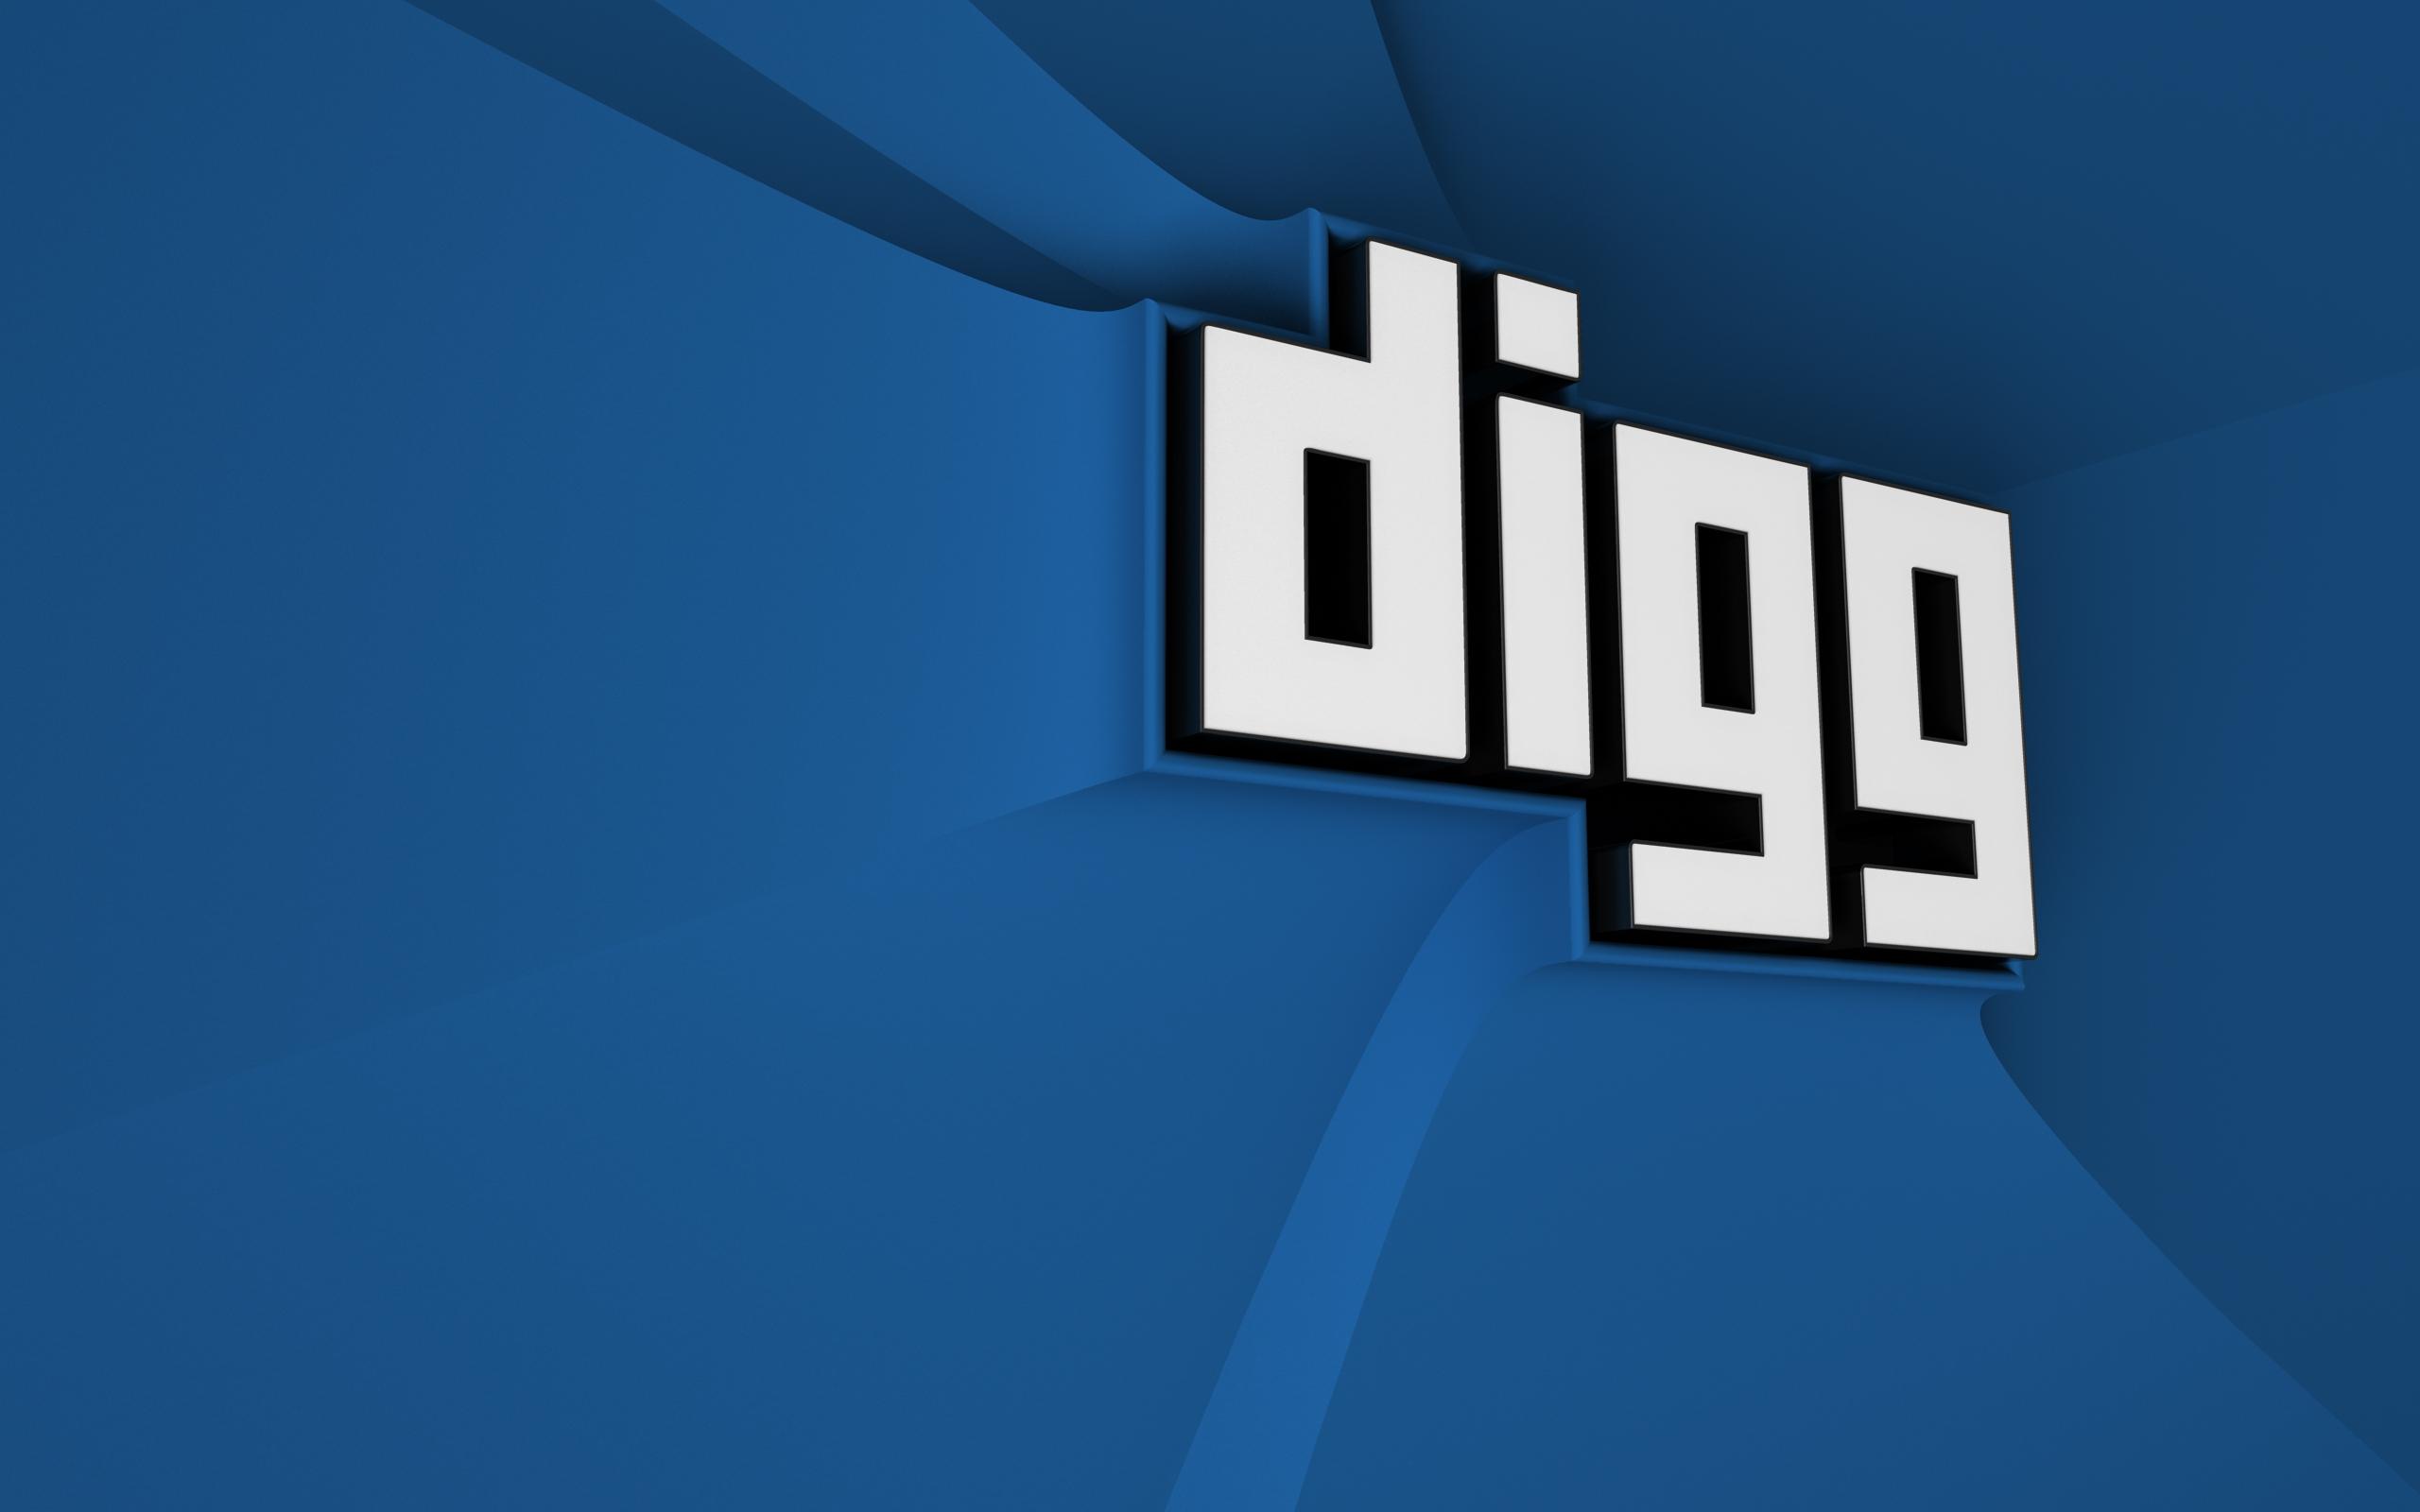 デスクトップ壁紙 テキスト ロゴ グラフィックデザイン ブランド